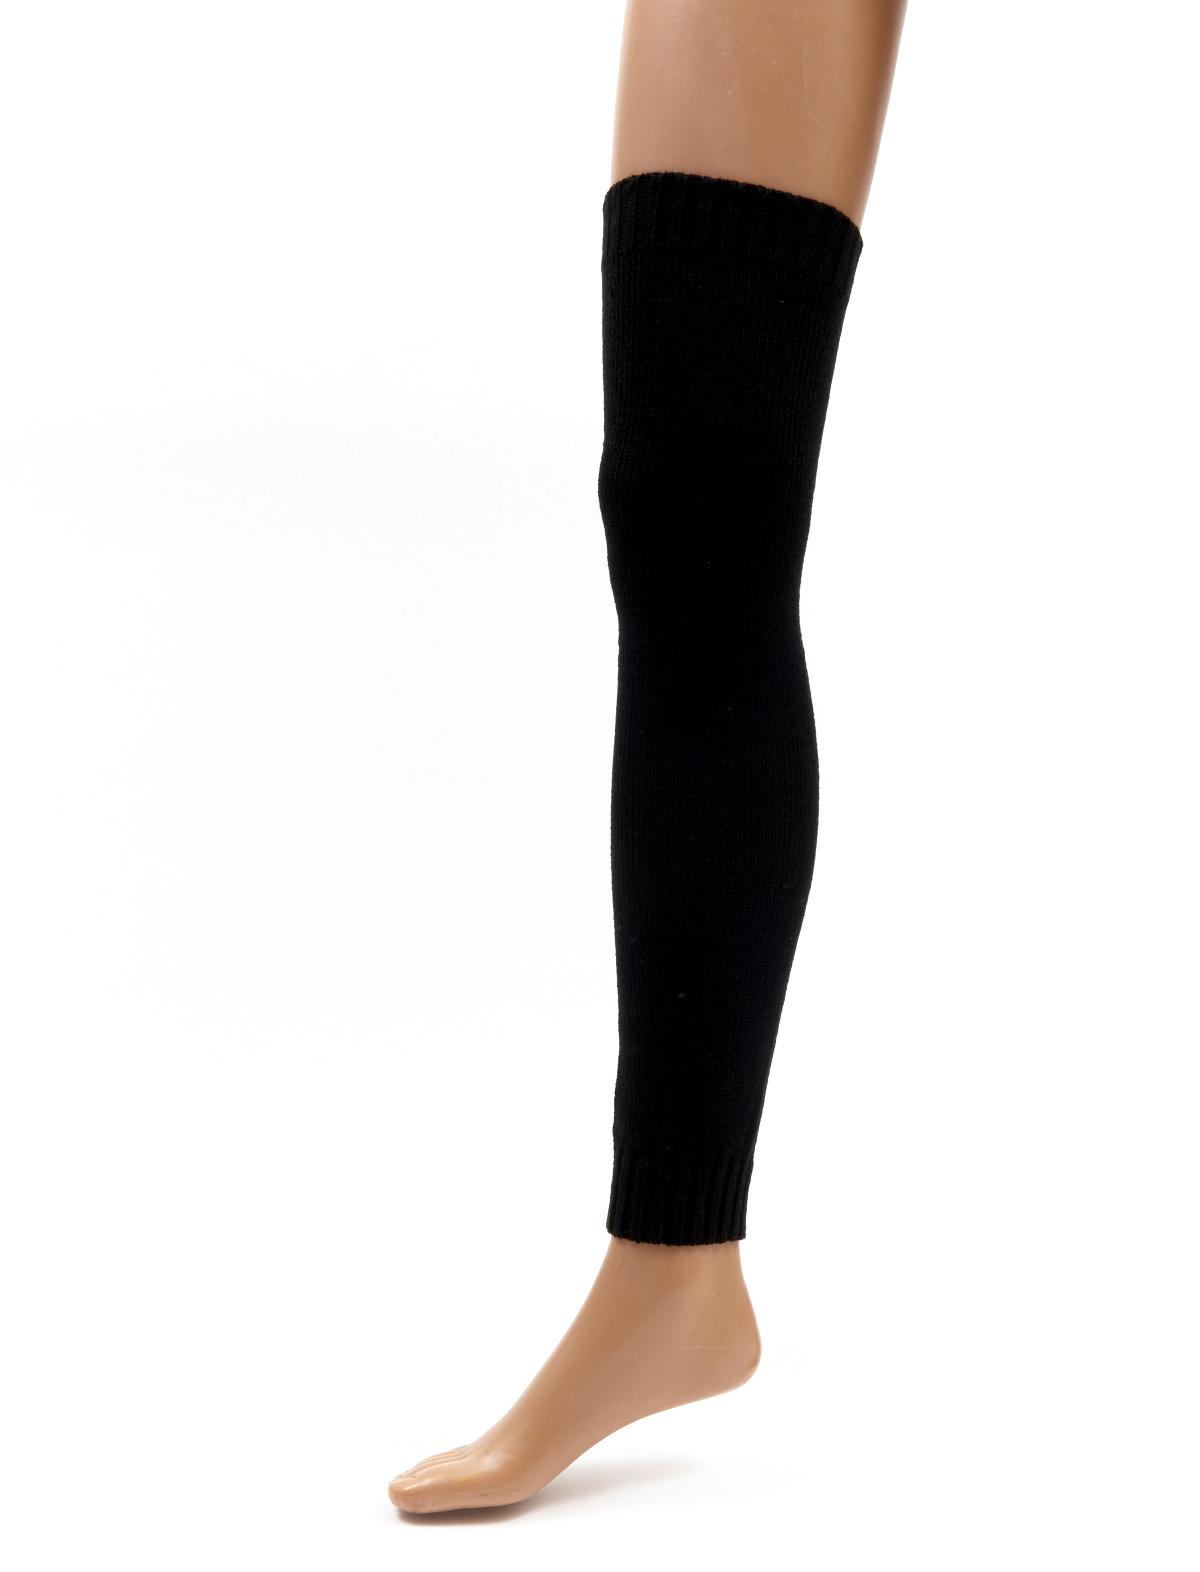 Beinwärmer 65 cm schwarz